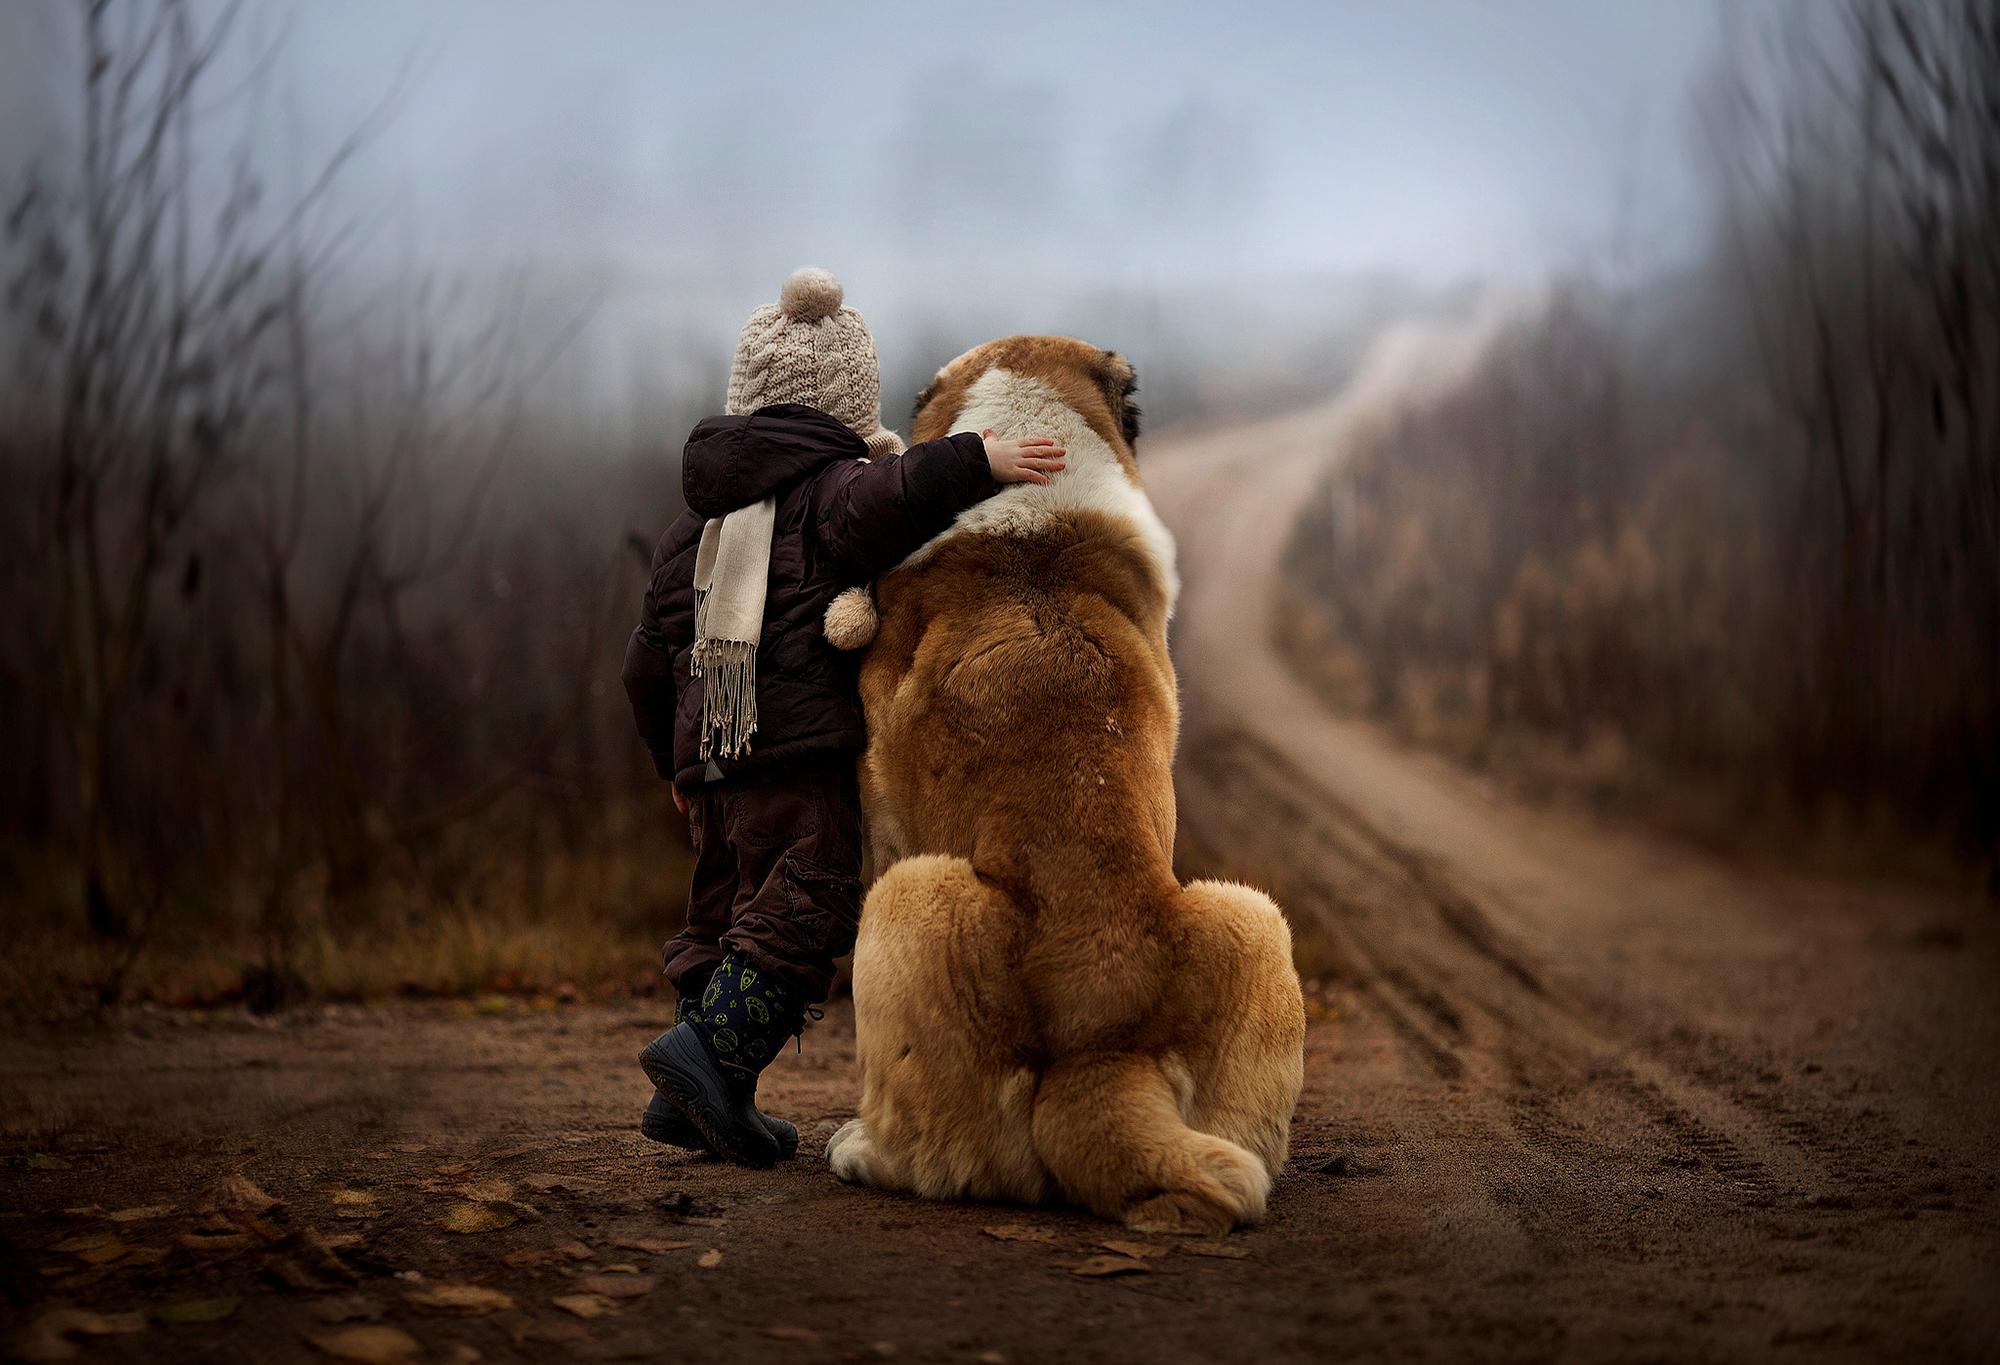 попробовать трогательные фото о любви артист себе уверен